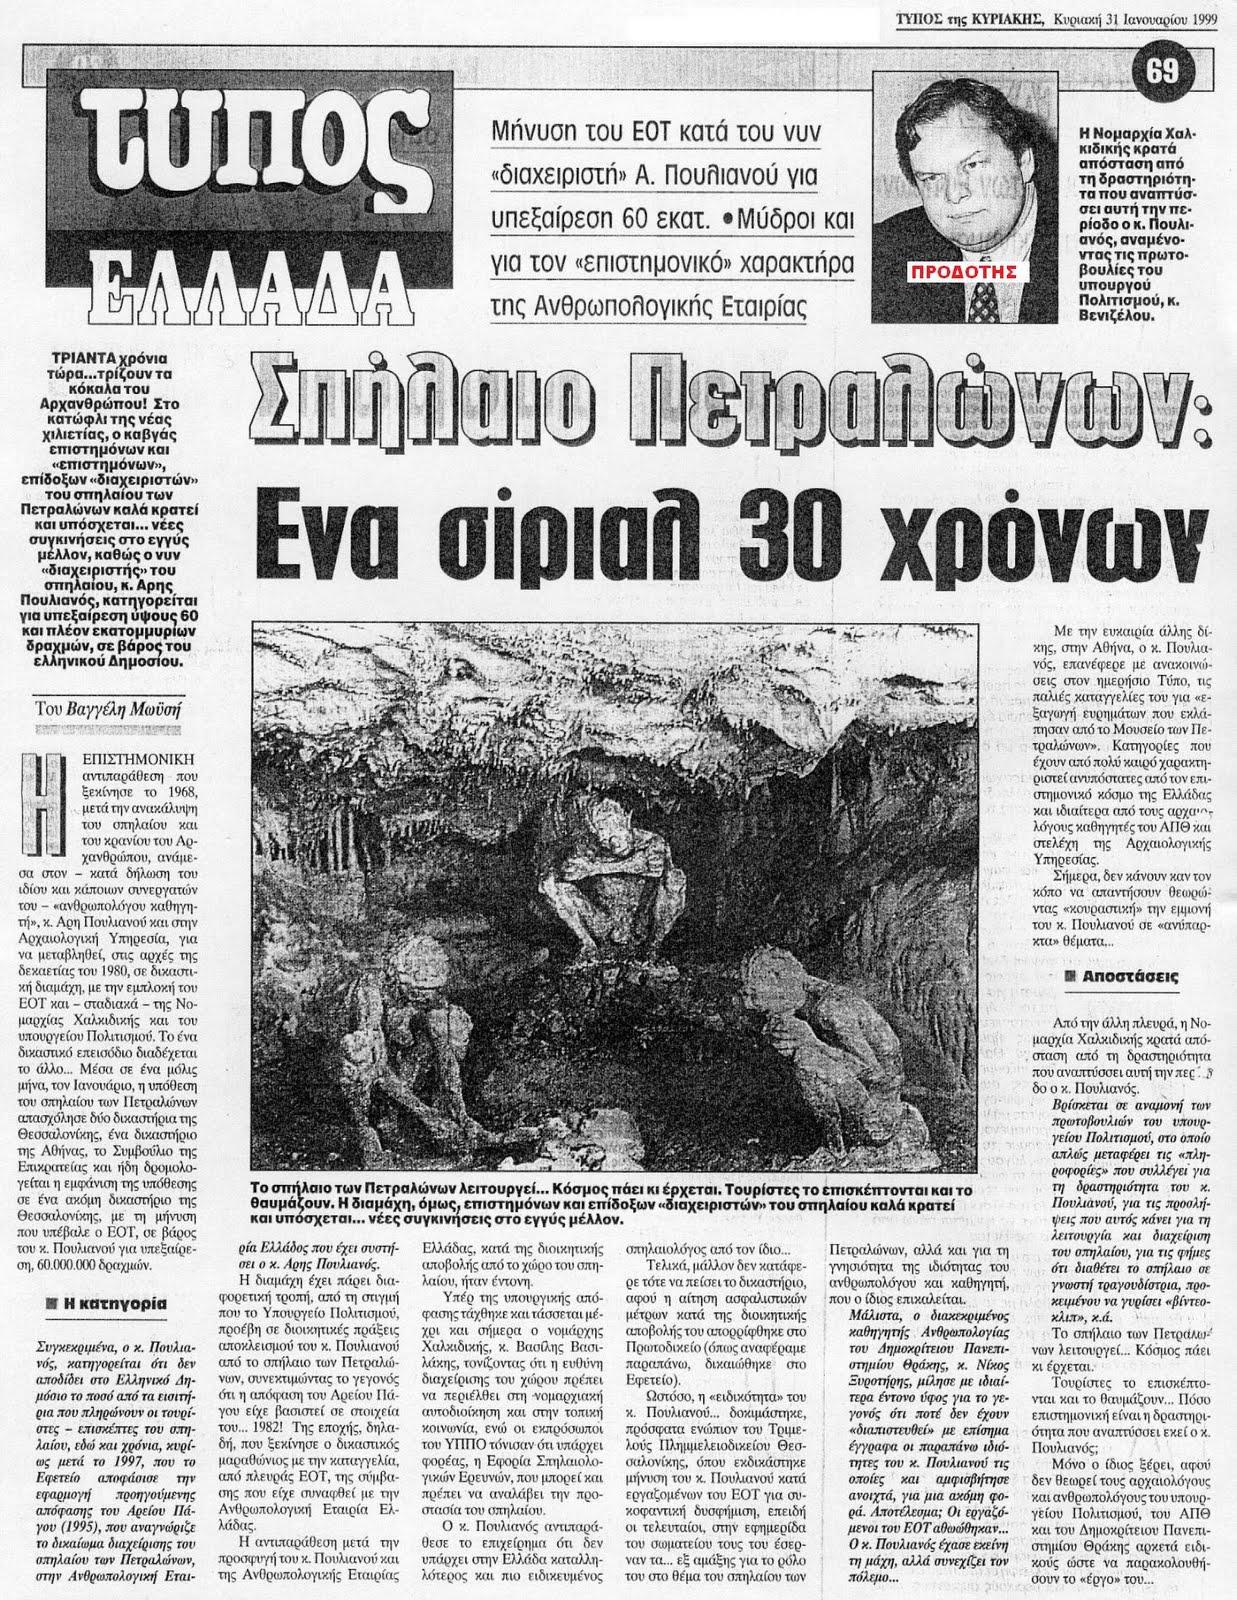 Ο αρχανθρωπος: ο Βενιζέλος εξαφάνισε τα ευρήματα που ανατρέπουν την ιστορία!!